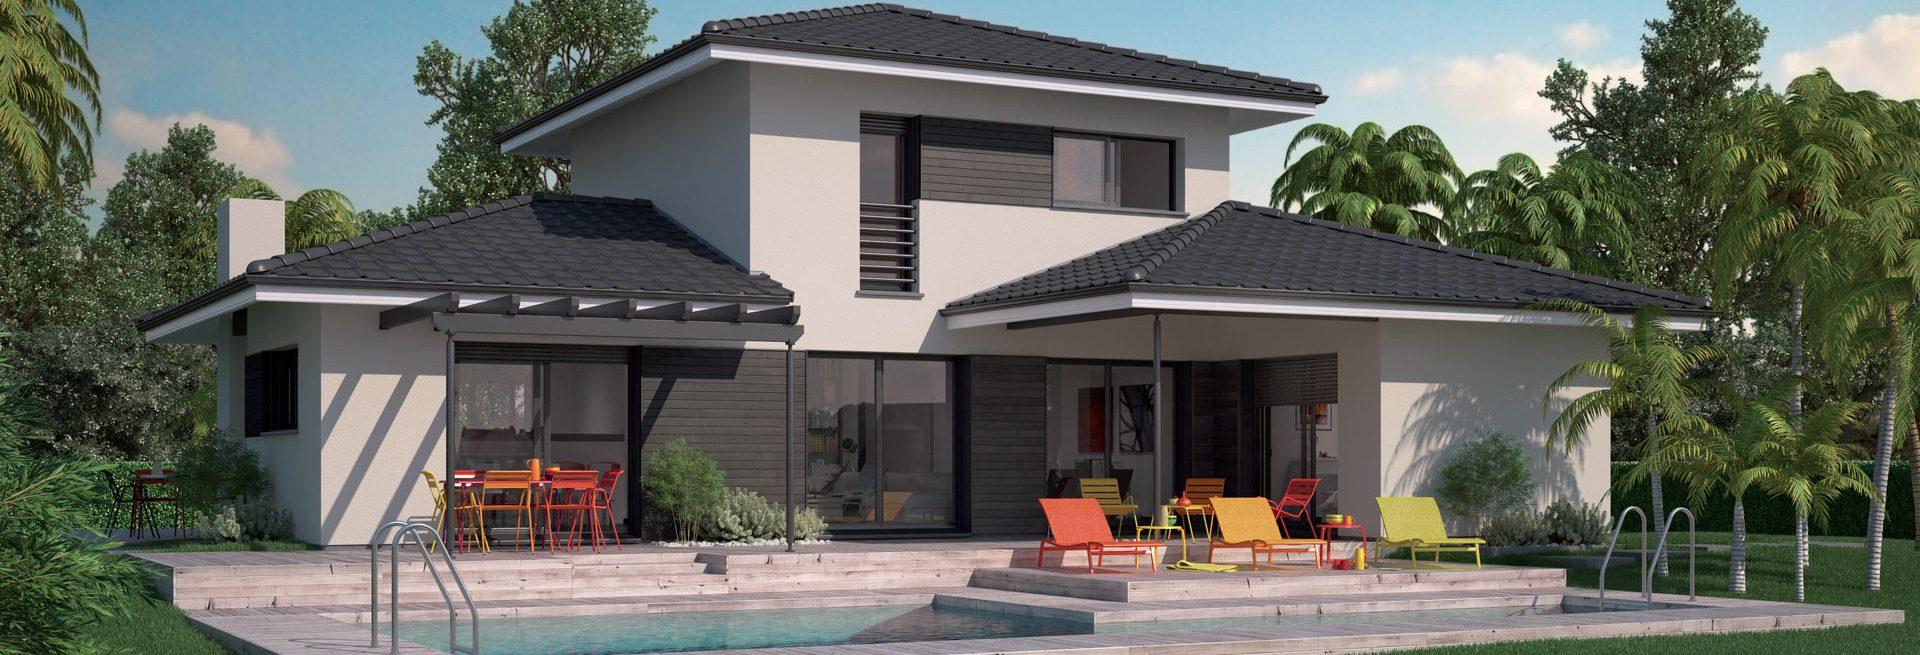 Constructeur maison louisiane gironde for Constructeur maison contemporaine gironde